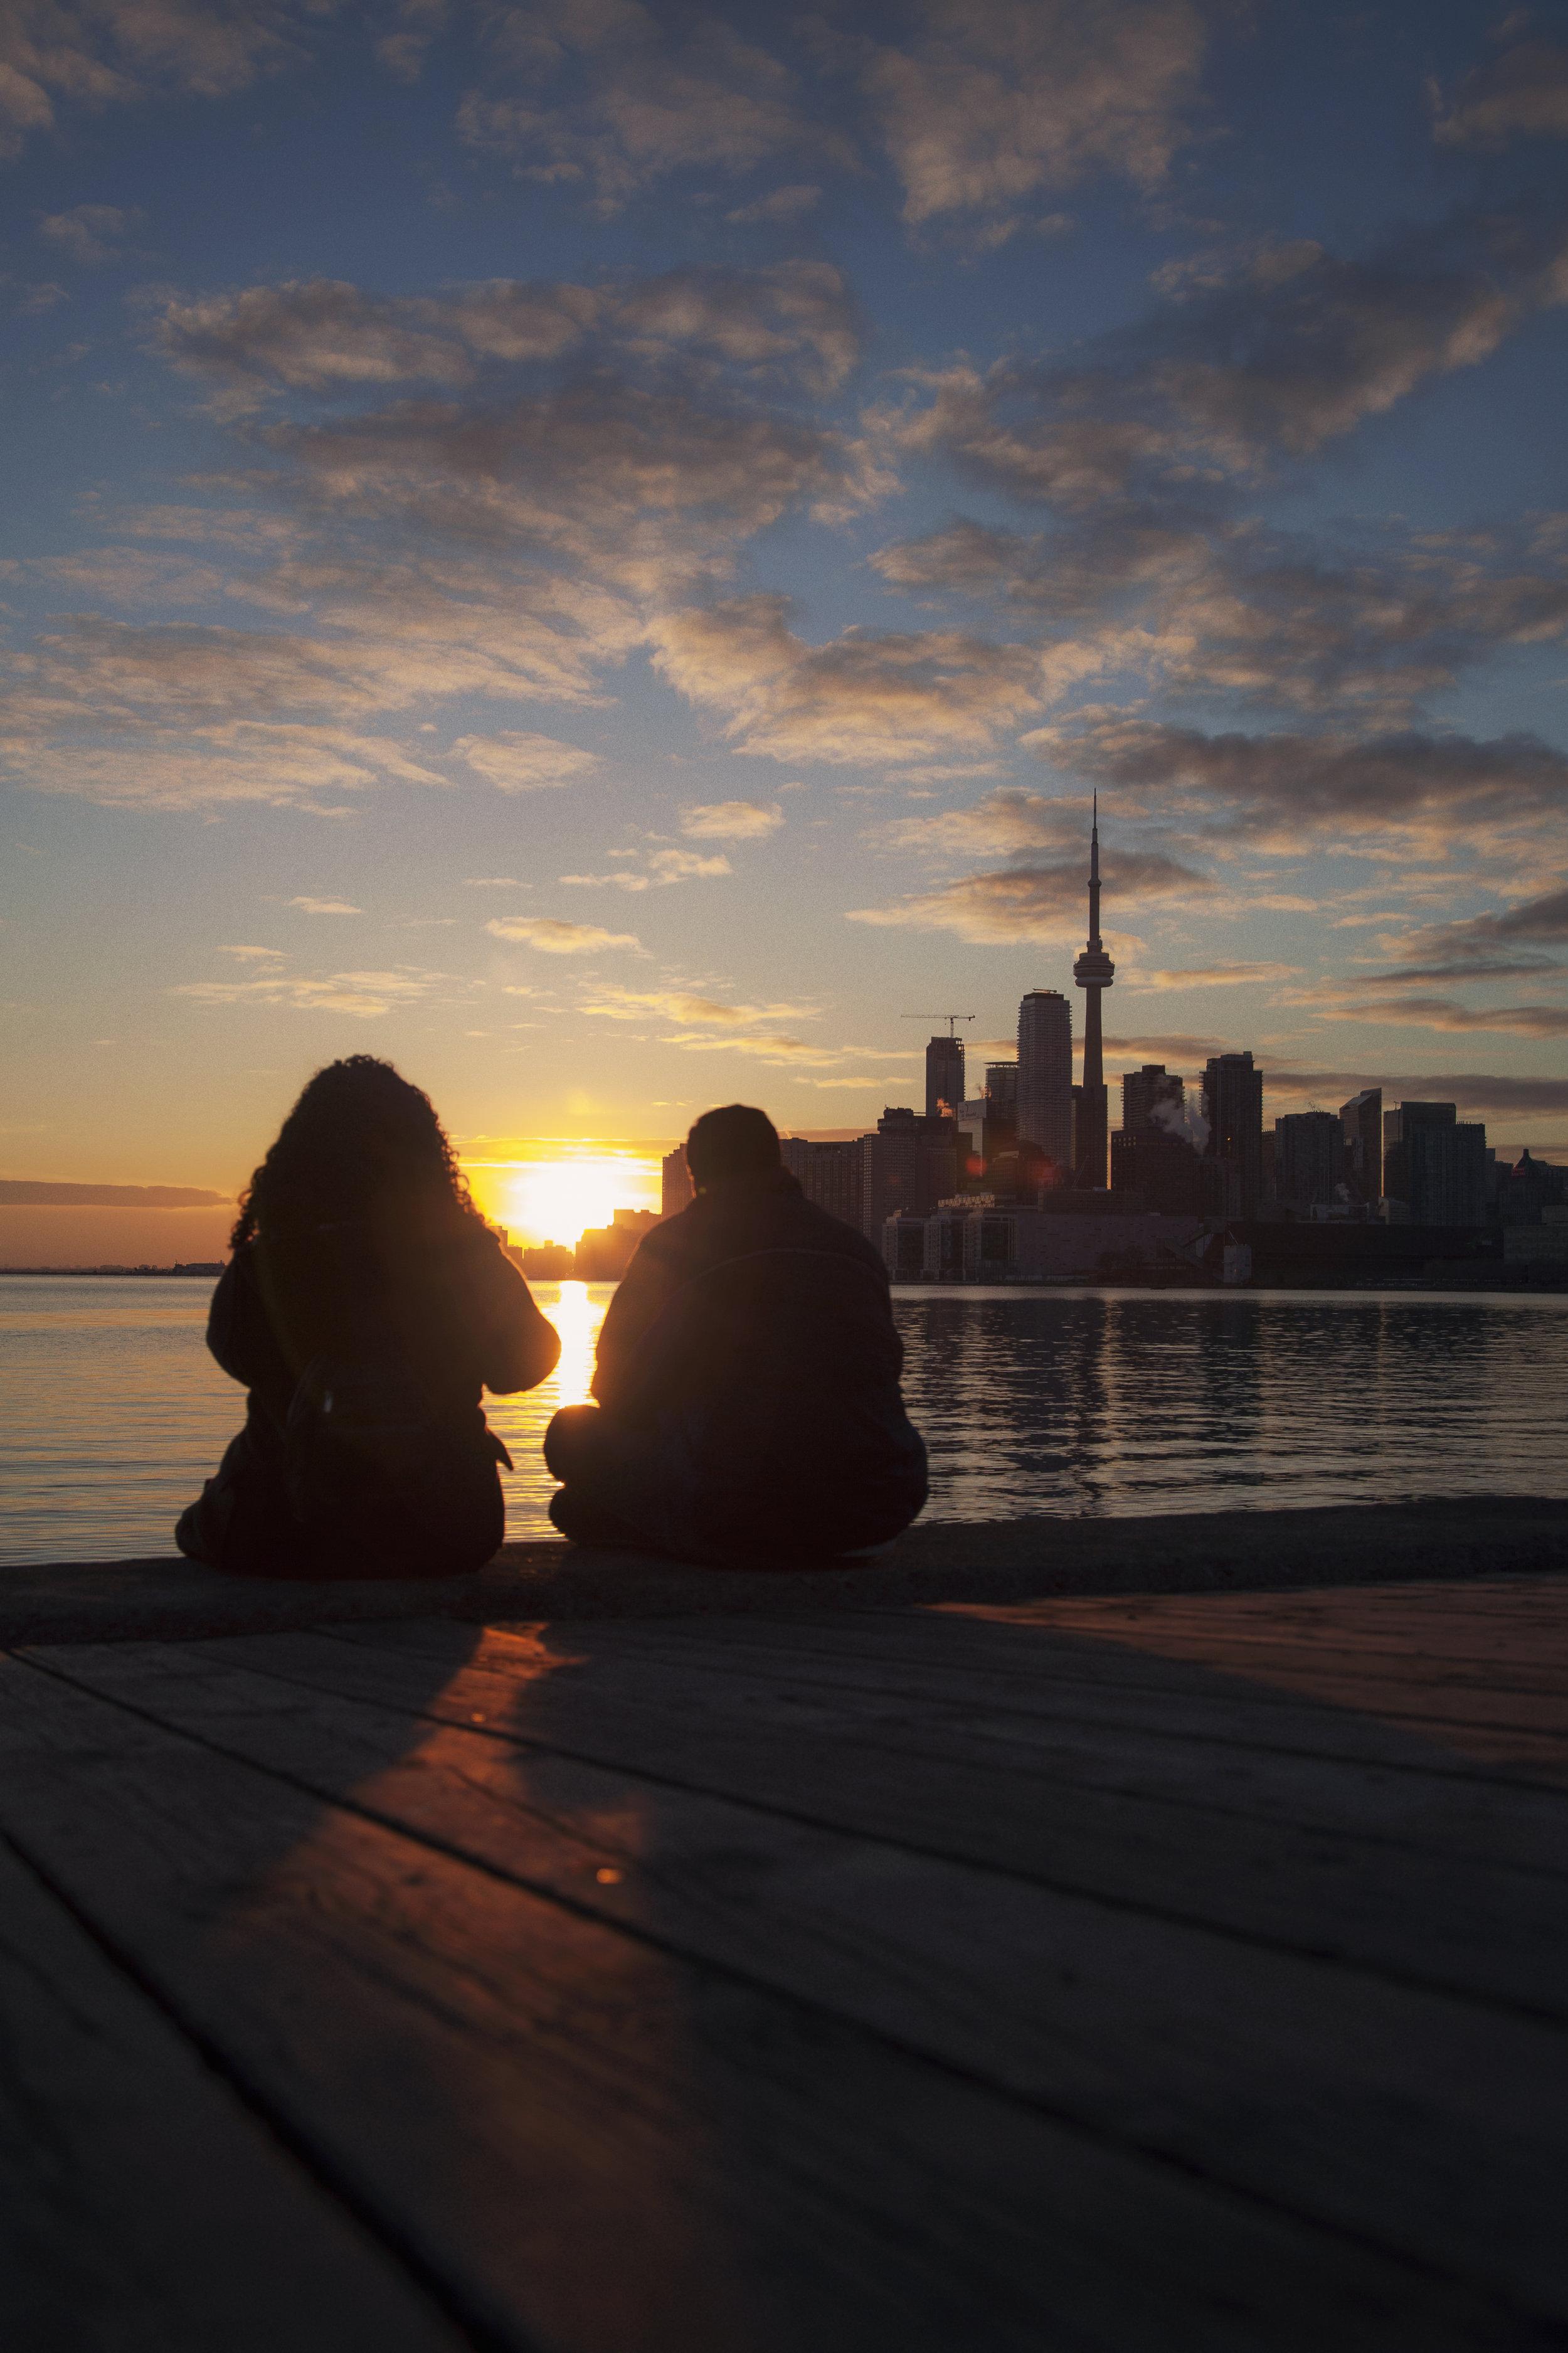 sunset_pier.jpg